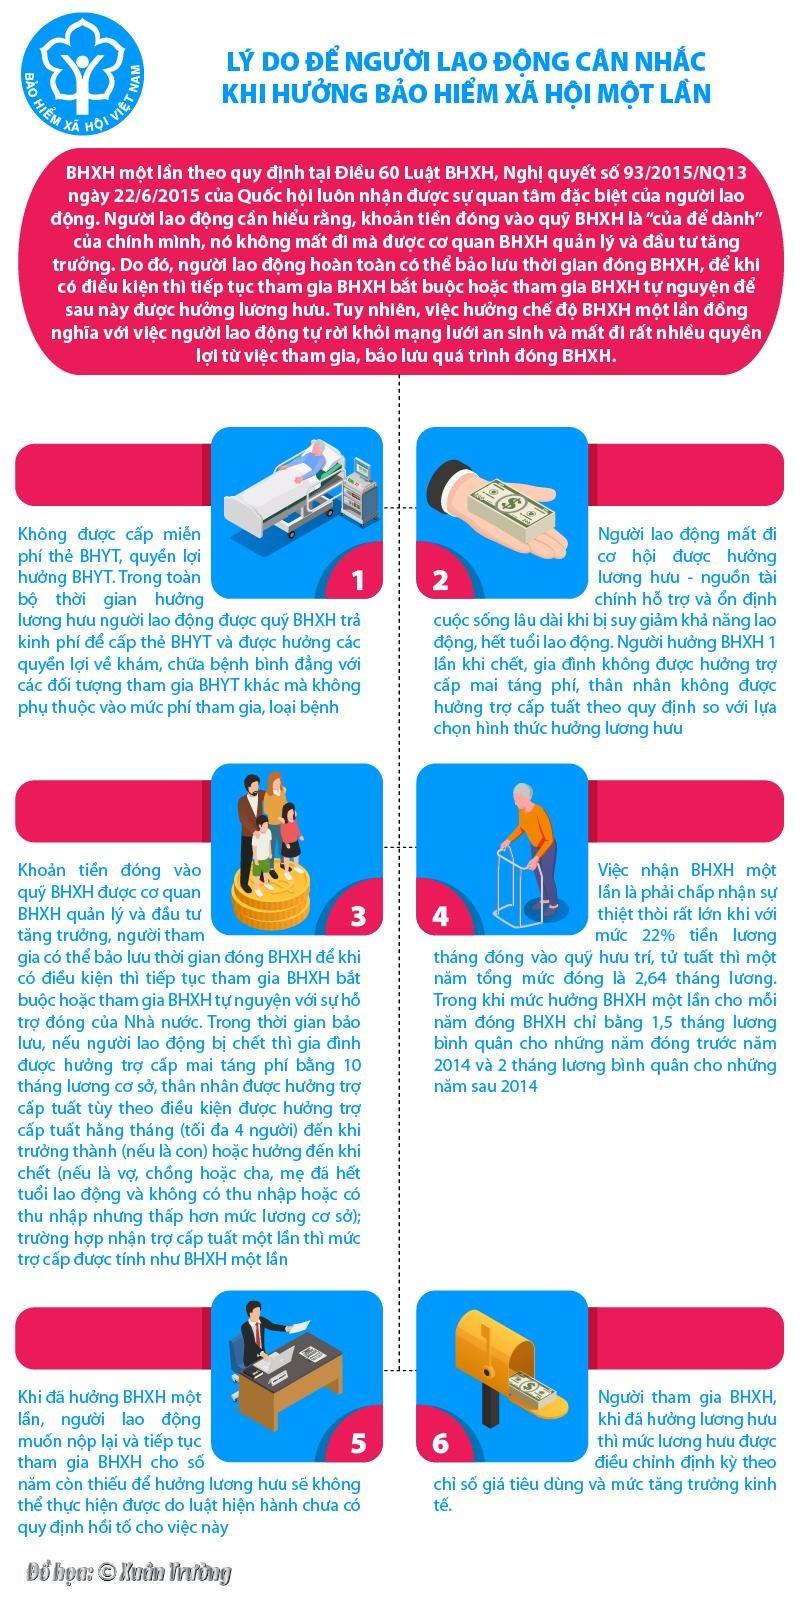 [Infographics] Lý do để người lao động cân nhắc khi hưởng bảo hiểm xã hội một lần - Ảnh 1